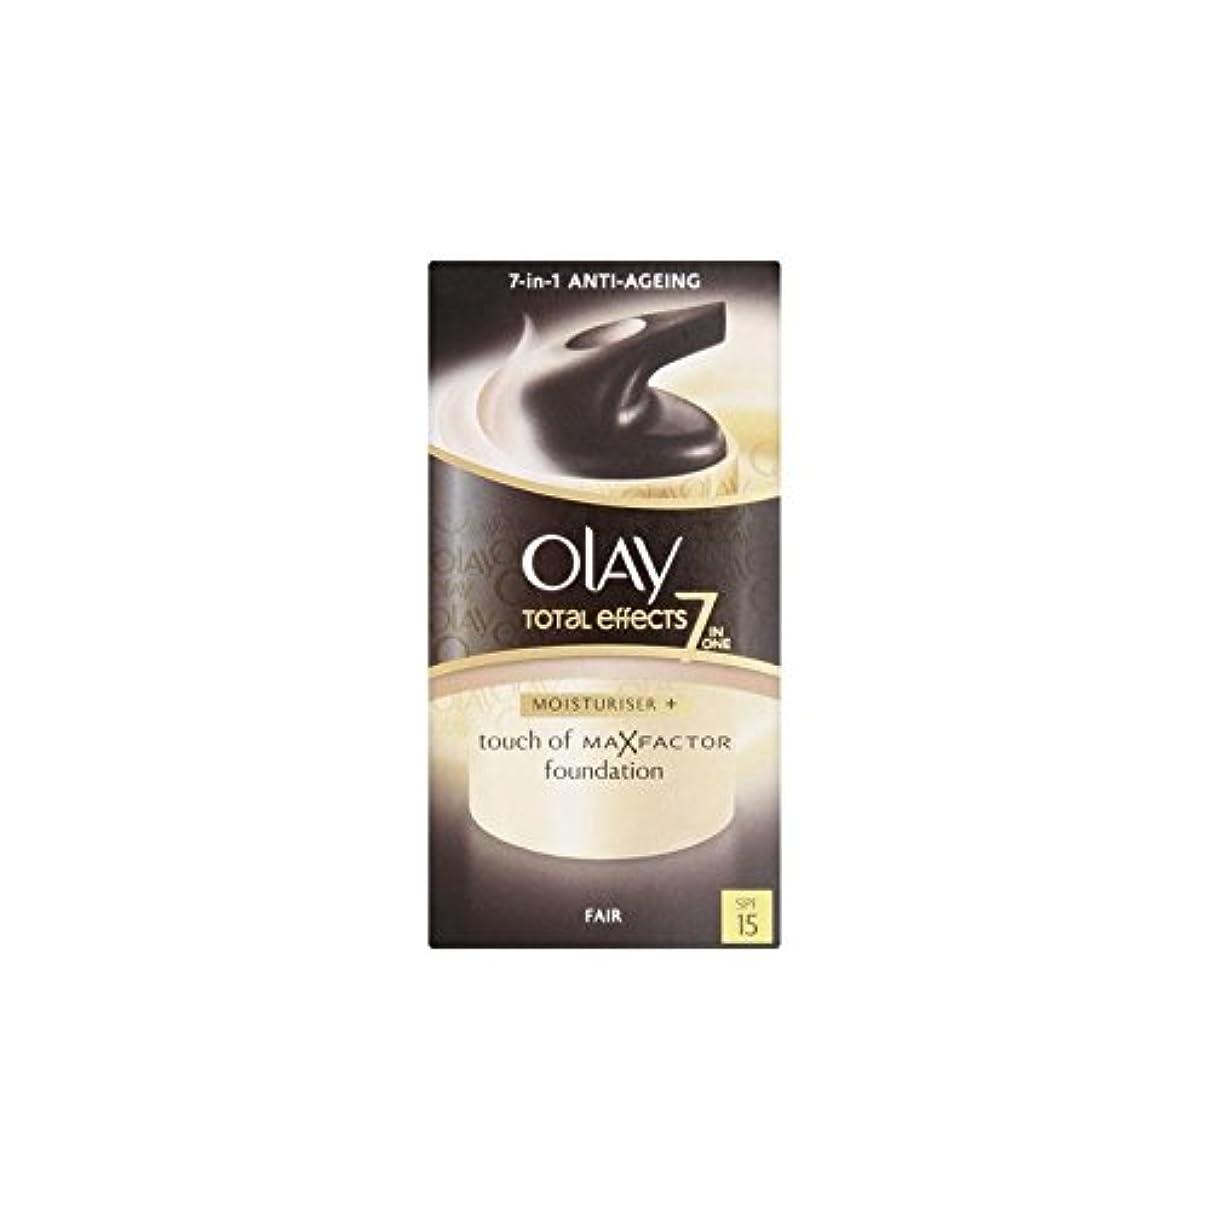 強打怠けた仕立て屋オーレイトータルエフェクト保湿クリーム15 - フェア(50ミリリットル) x2 - Olay Total Effects Moisturiser Bb Cream Spf15 - Fair (50ml) (Pack of...